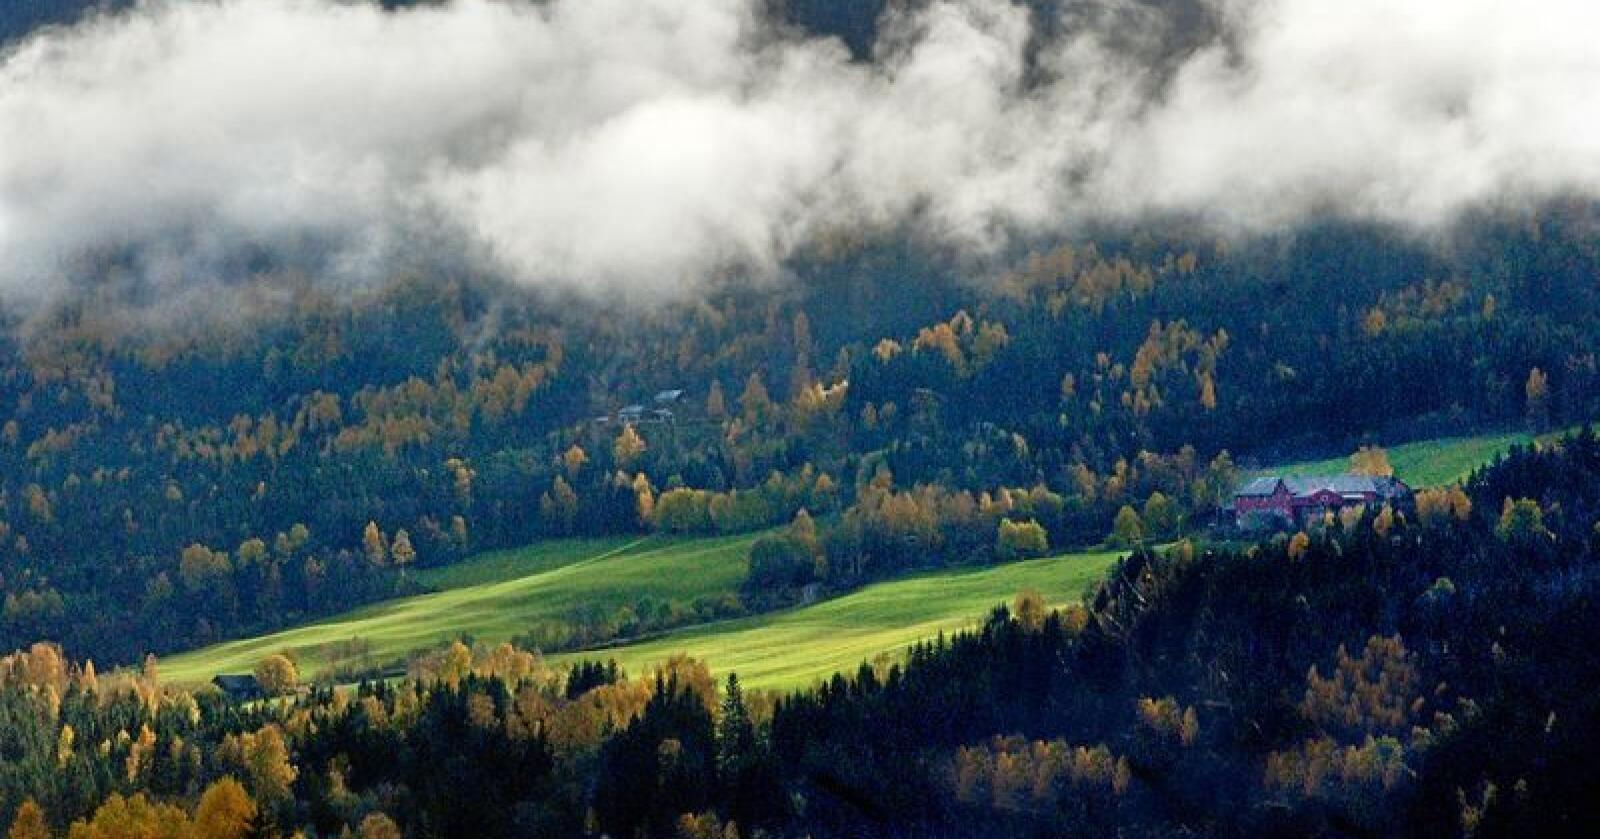 Eierskap: Mer og mer av jordbruksjorda blir leid ut til andre som trenger jord. Foto: Siri Juell Rasmussen